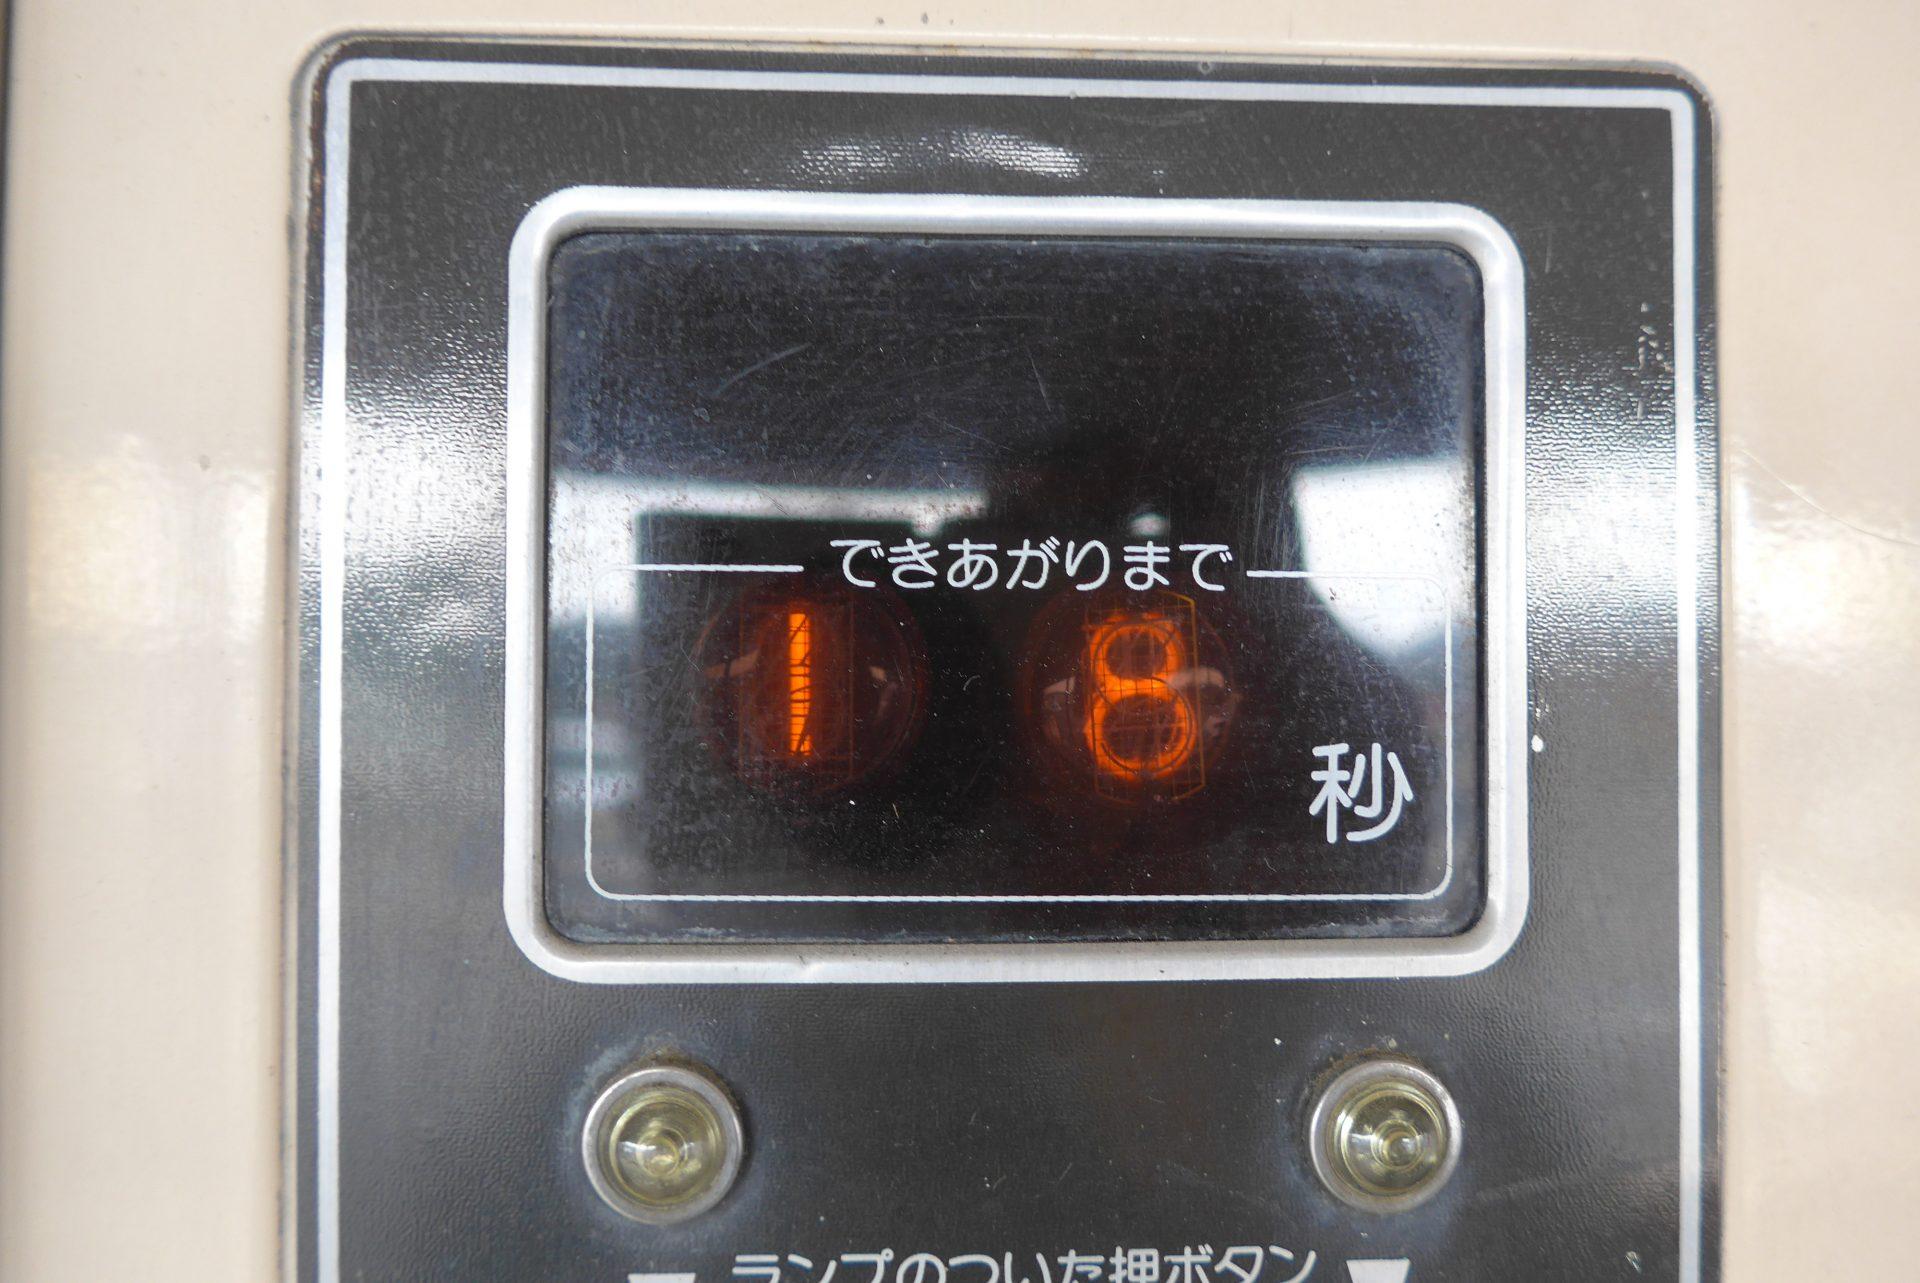 (K)島根国道9号線沿い!自販機コーナーオアシスの美味しいうどん